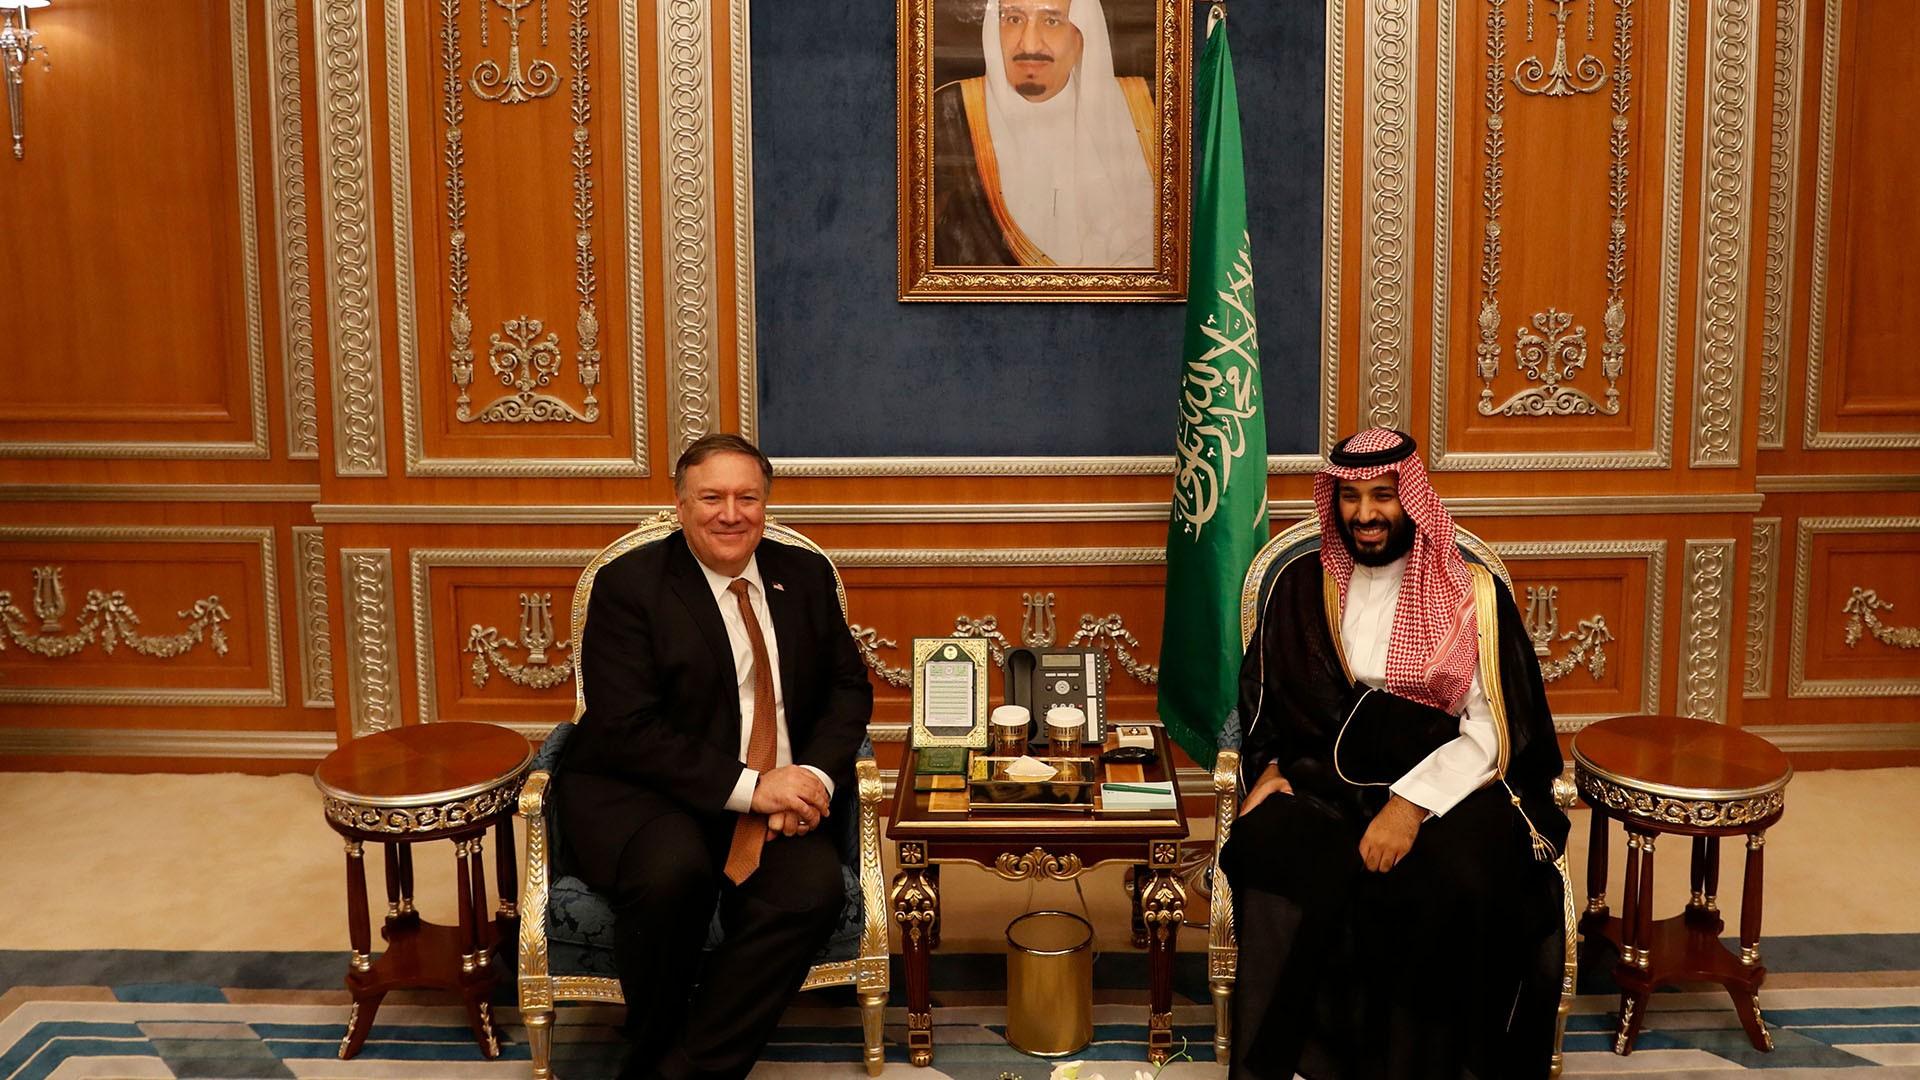 واشنطن-..-شكوك-بشأن-صفقة-أسلحة-مع-السعودية-